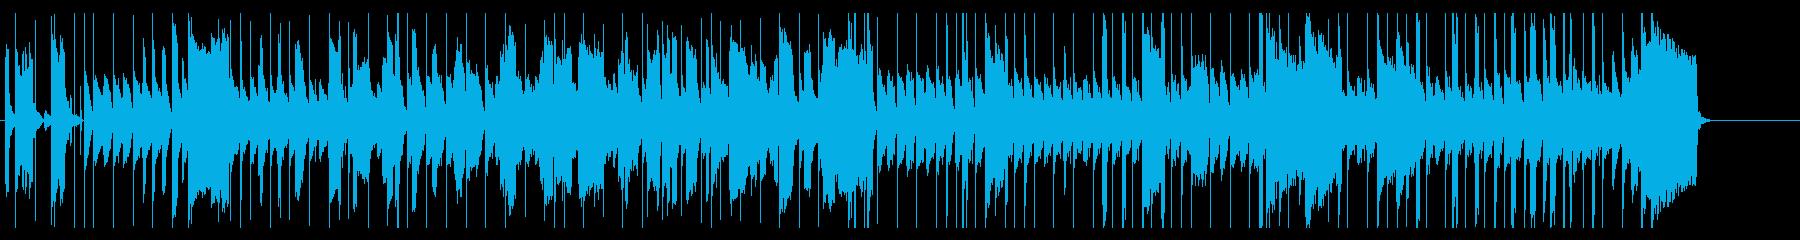 侵入・捜査・追跡・捜索の場面でのBGMの再生済みの波形